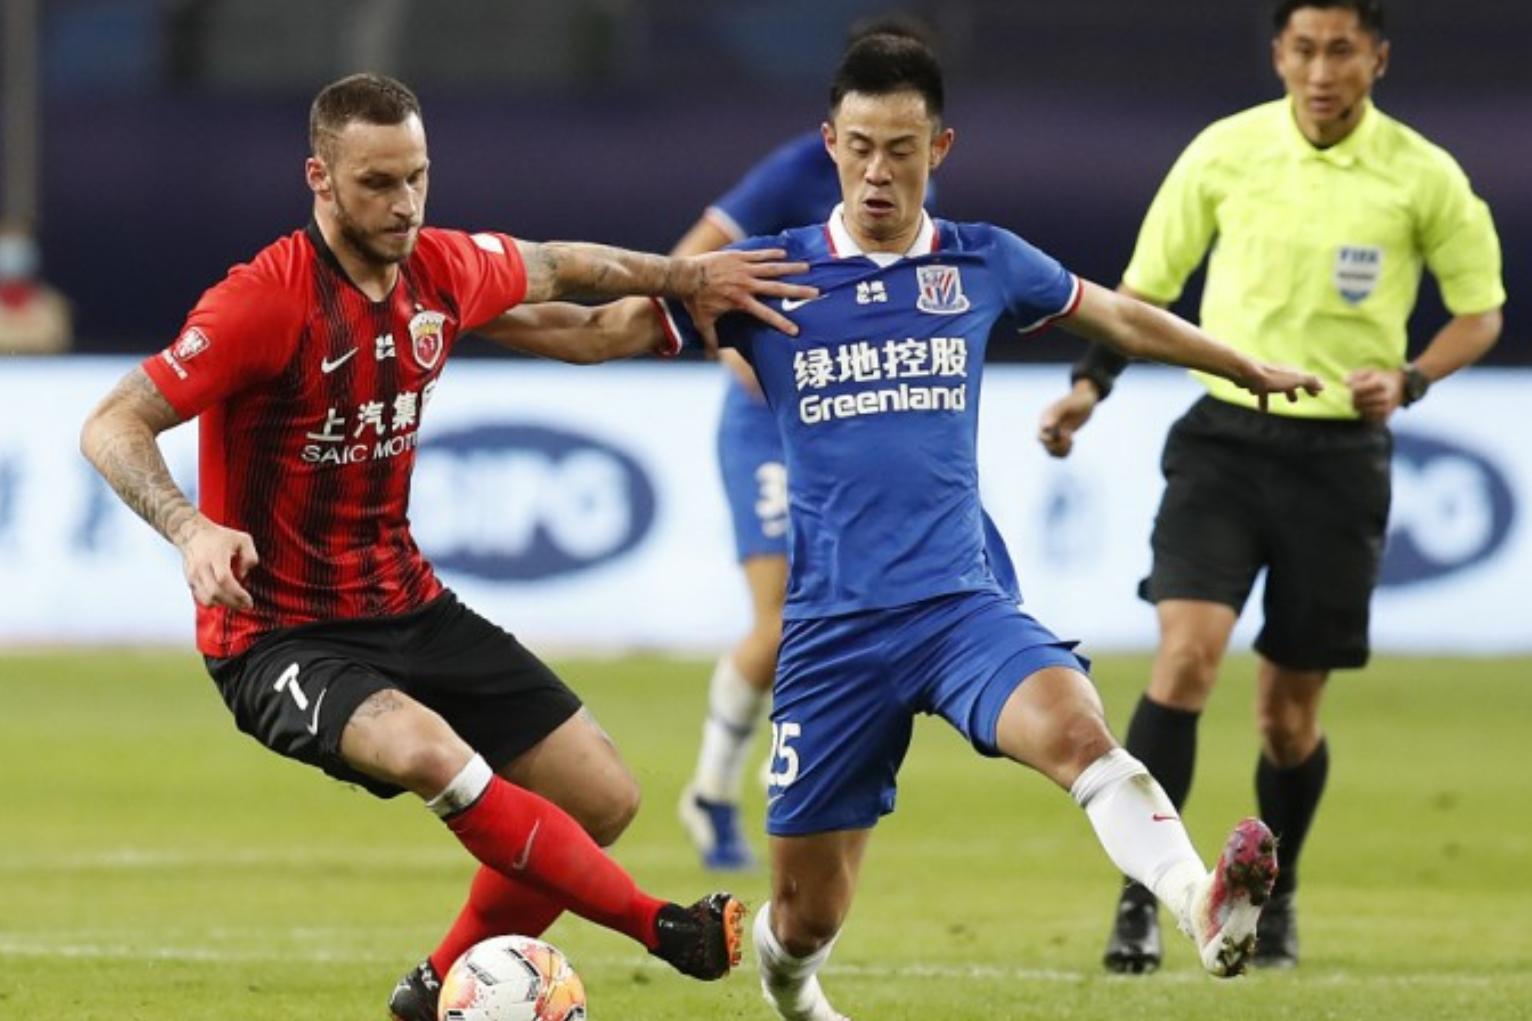 澎湃:本赛季上海足球将厚积薄发,下轮德比或成争冠前哨站-今球app官网